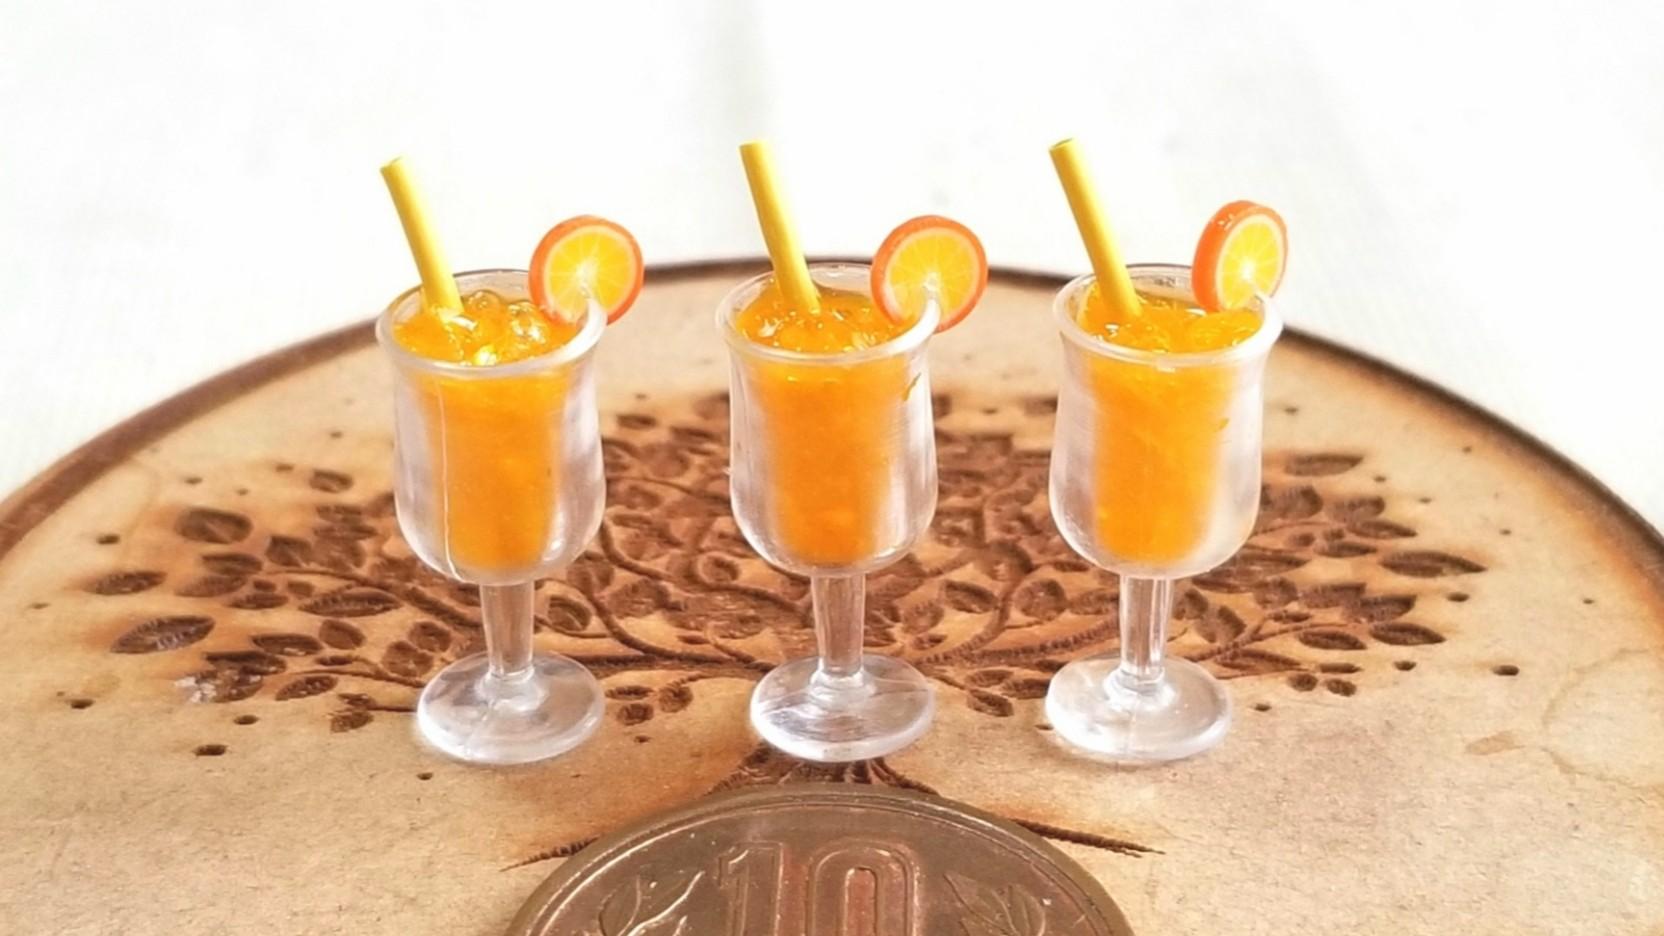 ミンネ販売,ミニチュアオレンジ,リカちゃん,バービー人形グッズ,飲料